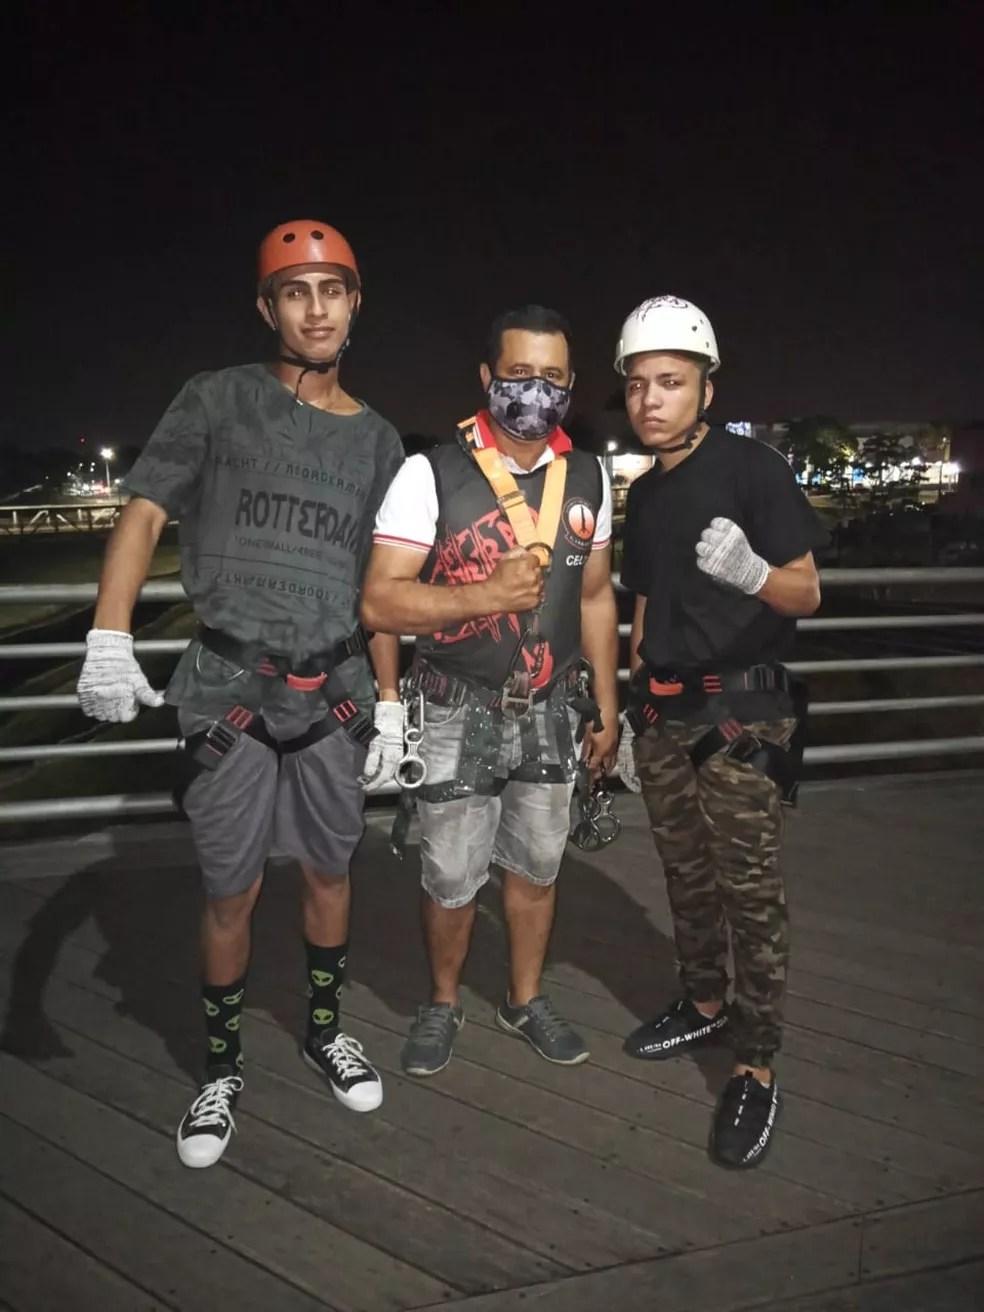 Luiz Teles e o irmão tiraram foto com o instrutor antes de salto na noite de domingo (6) — Foto: Arquivo pessoal